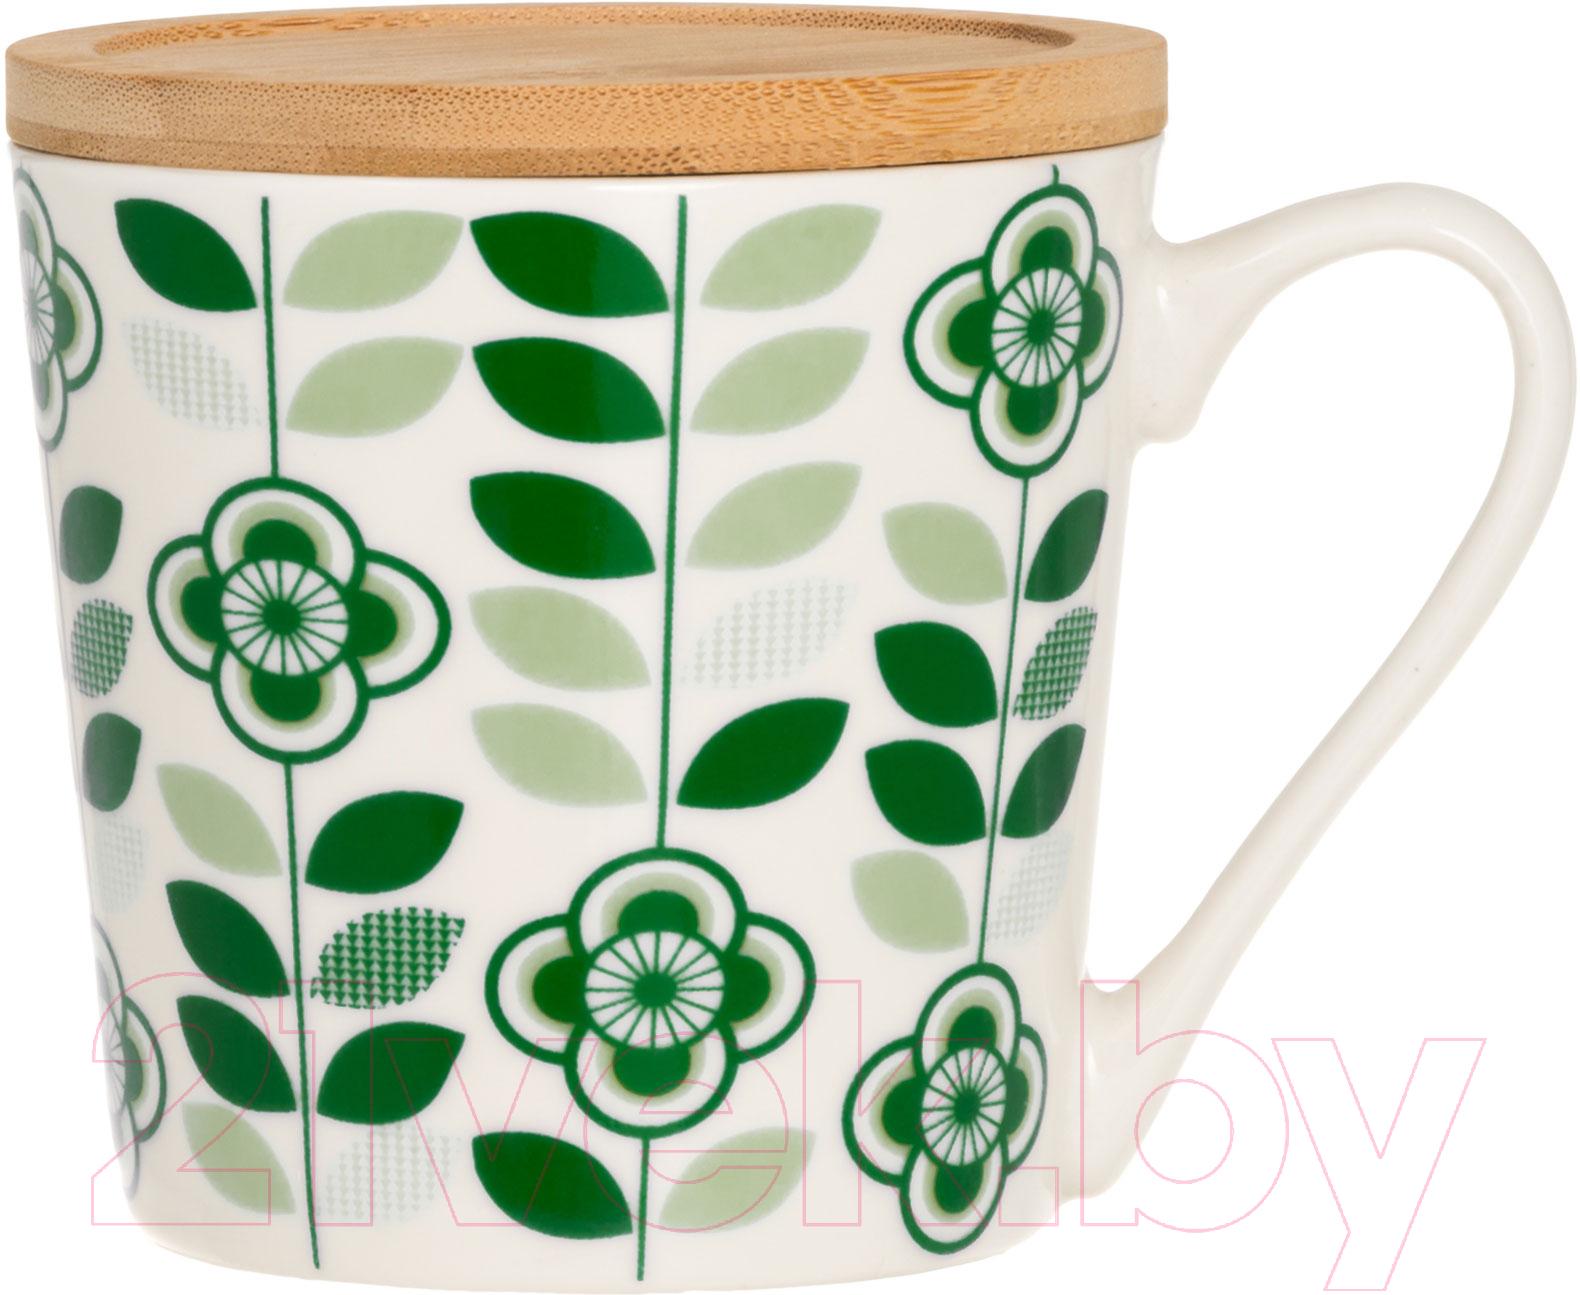 Купить Кружка Maku Kitchen Life, Vera 3164882, Китай, фарфор